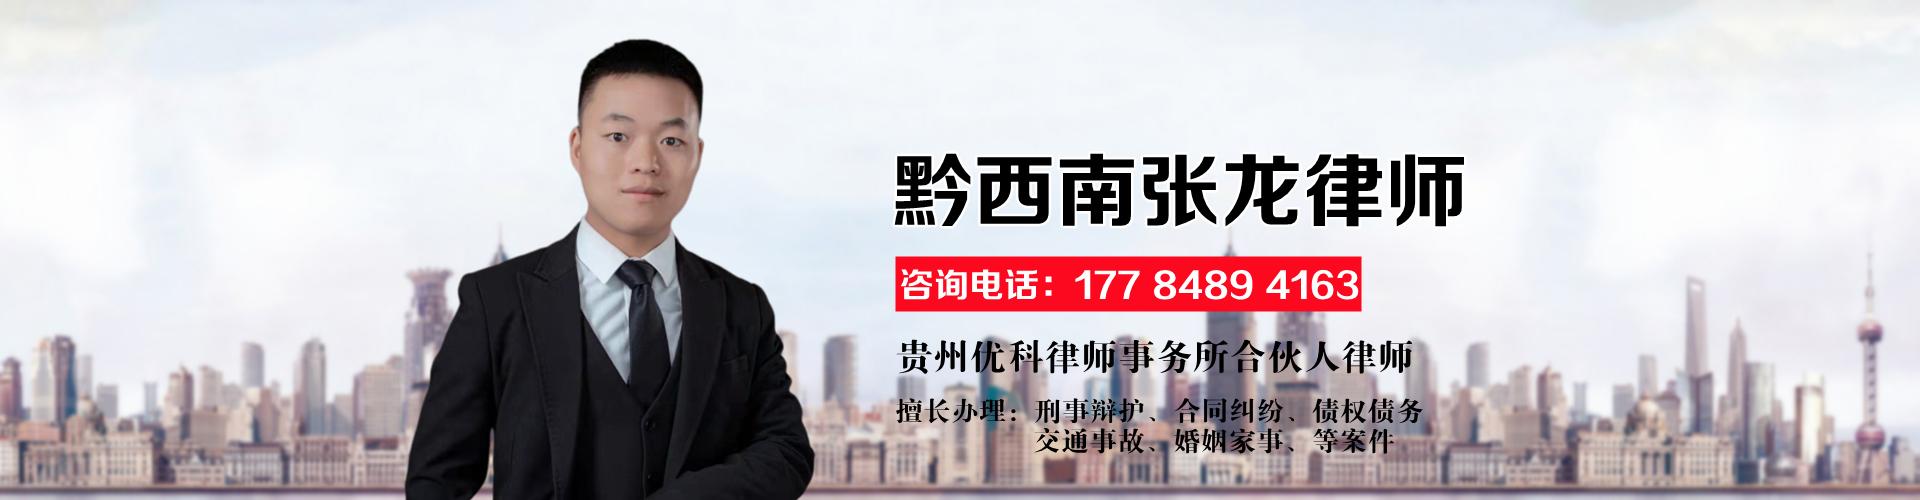 普安律师张龙律师:全心全意,竭诚保护每一位当事人的合法权益